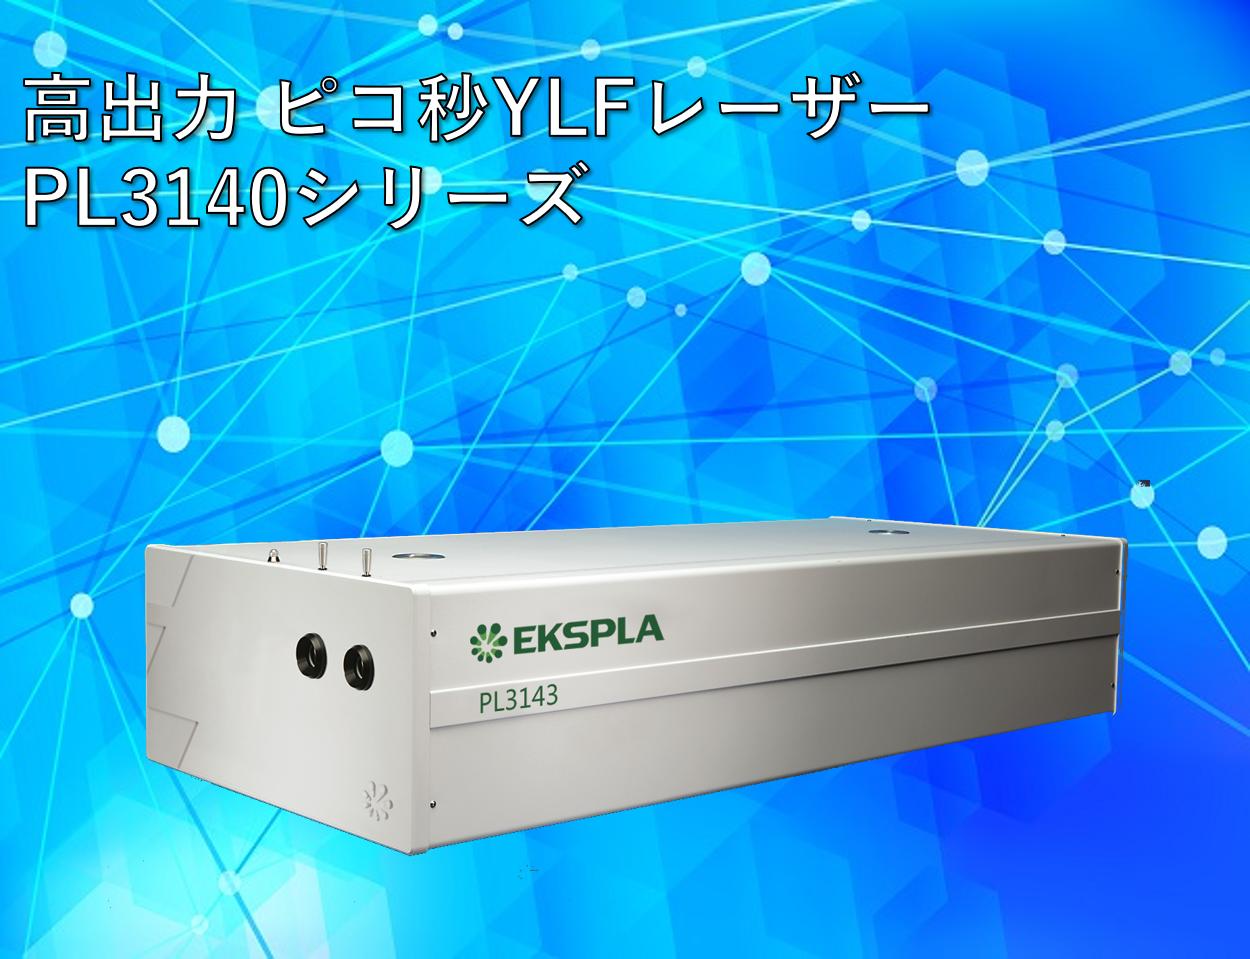 高エネルギーピコ秒パルスレーザー PL3140